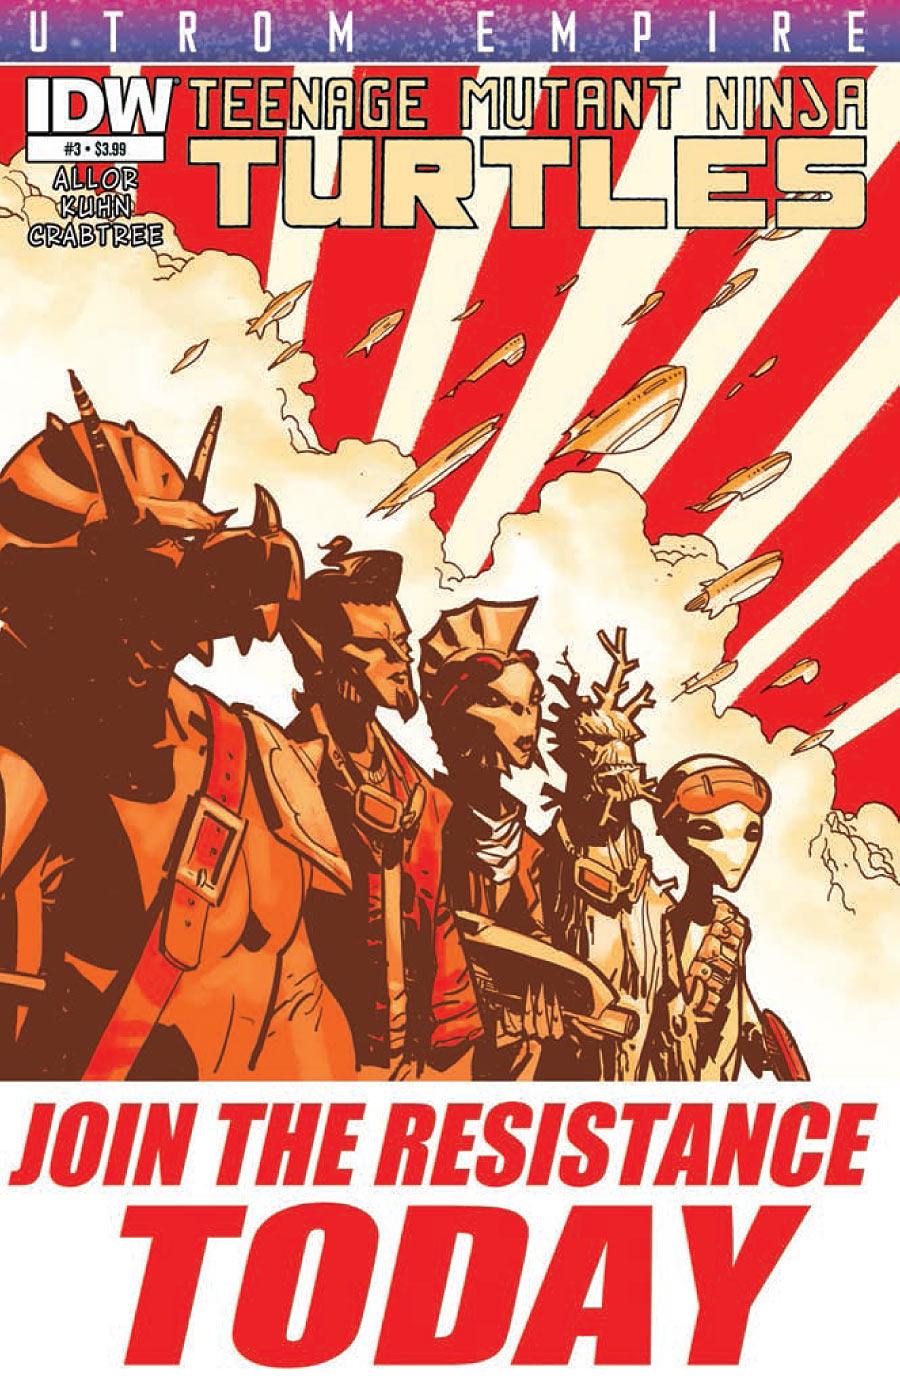 Teenage Mutant Ninja Turtles: Utrom Empire #3